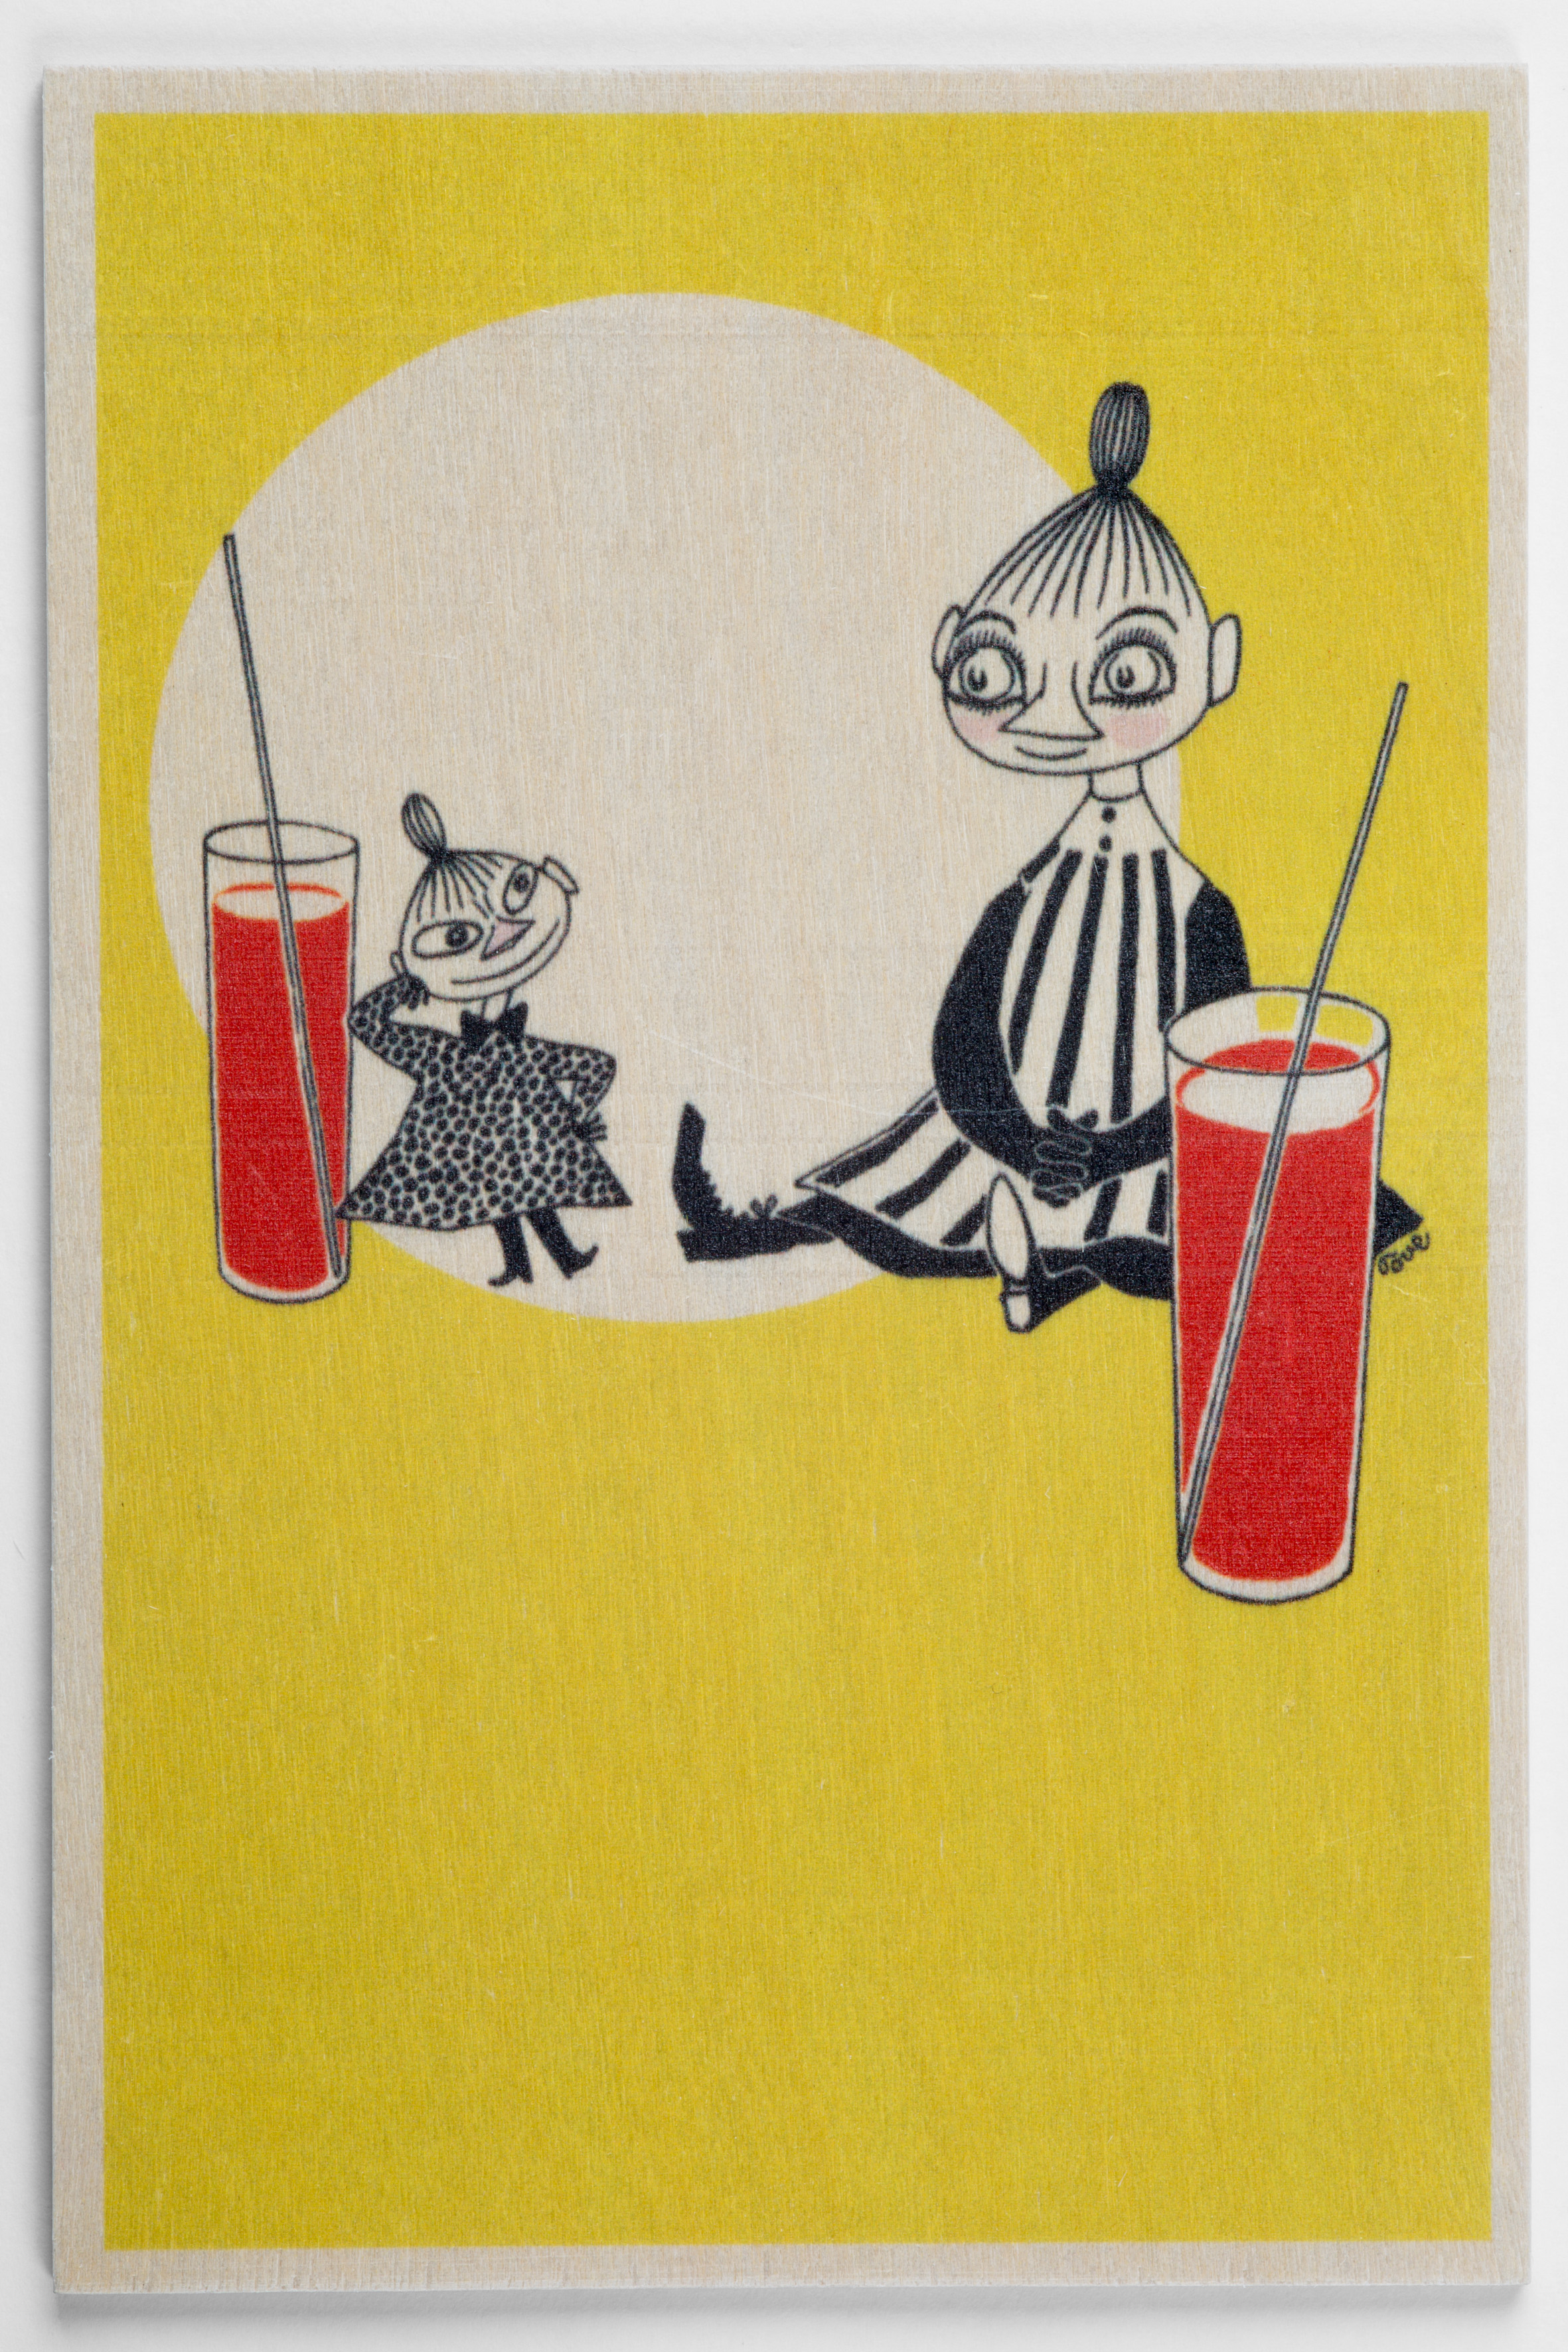 白樺ポストカード 10x15cm ムーミン 「レモネード」